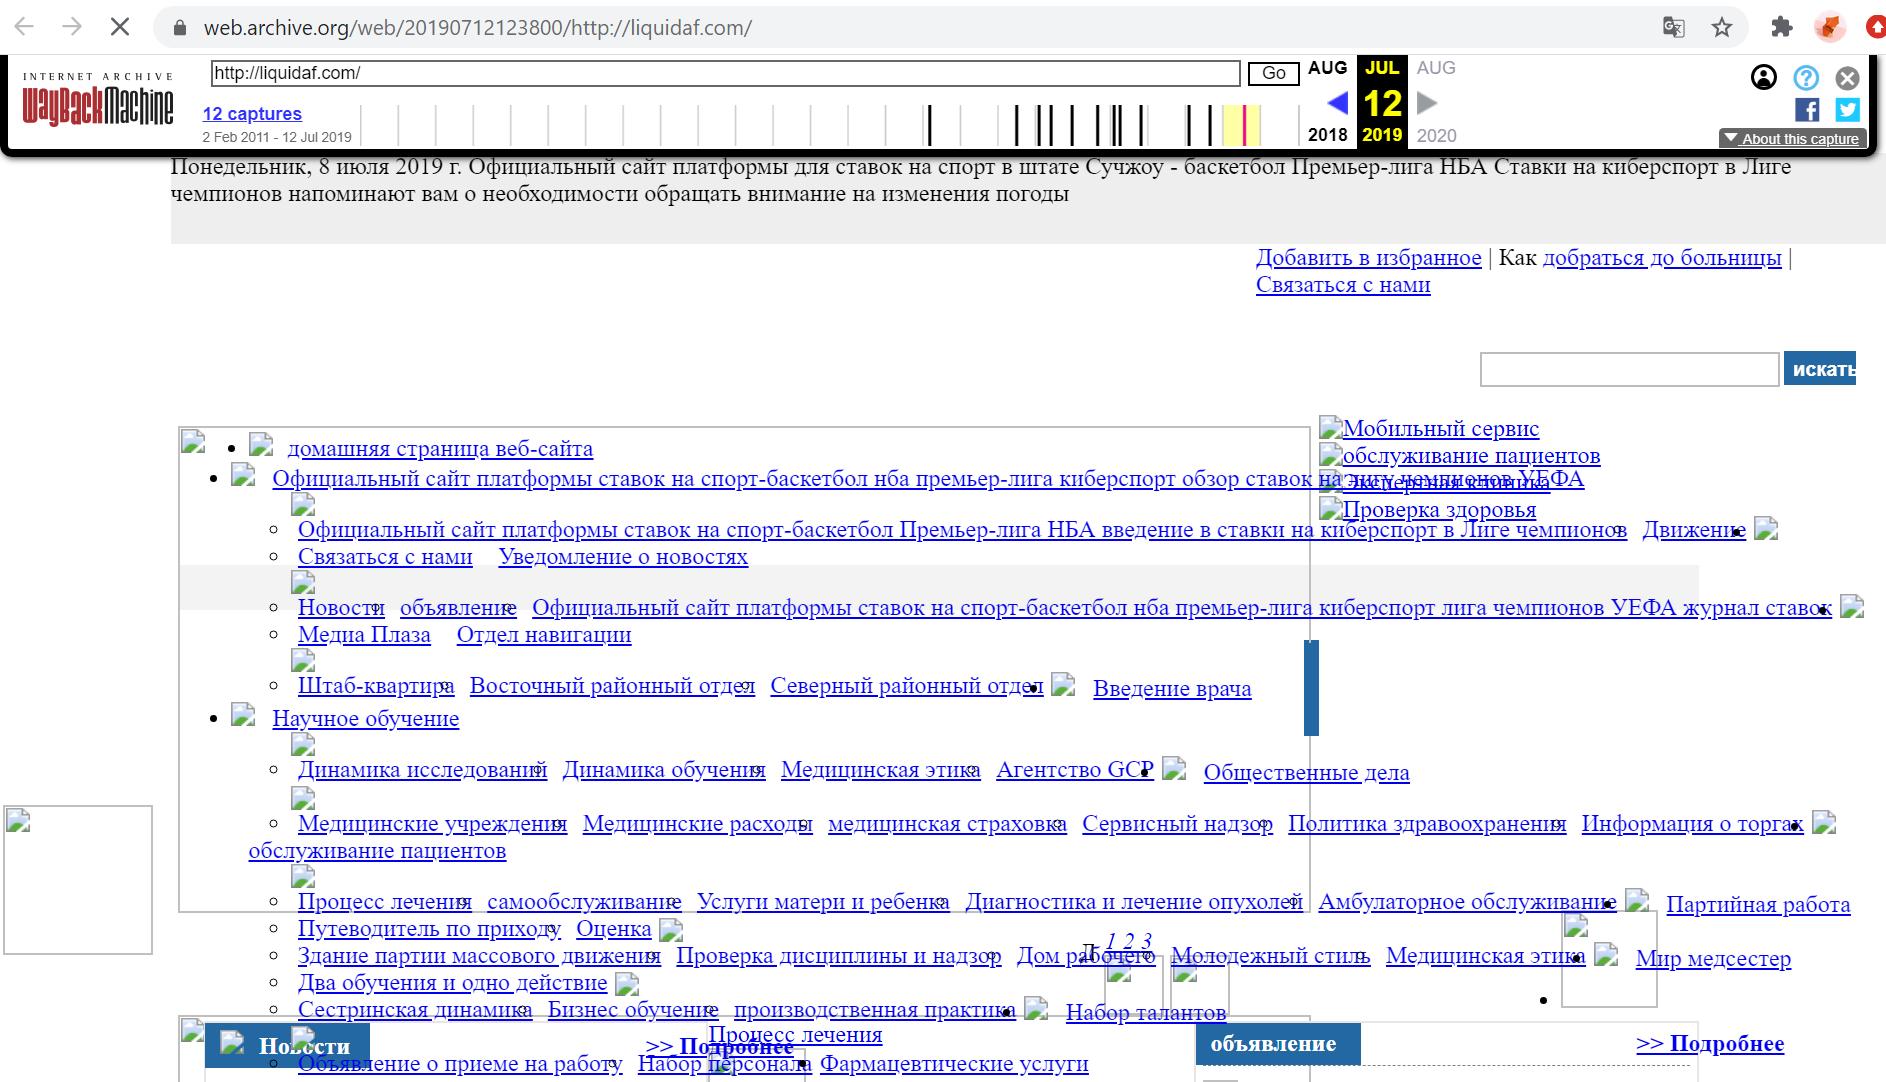 Доменное имя сайта liquidaf.com зарегистрировано 1 мая 2009 г